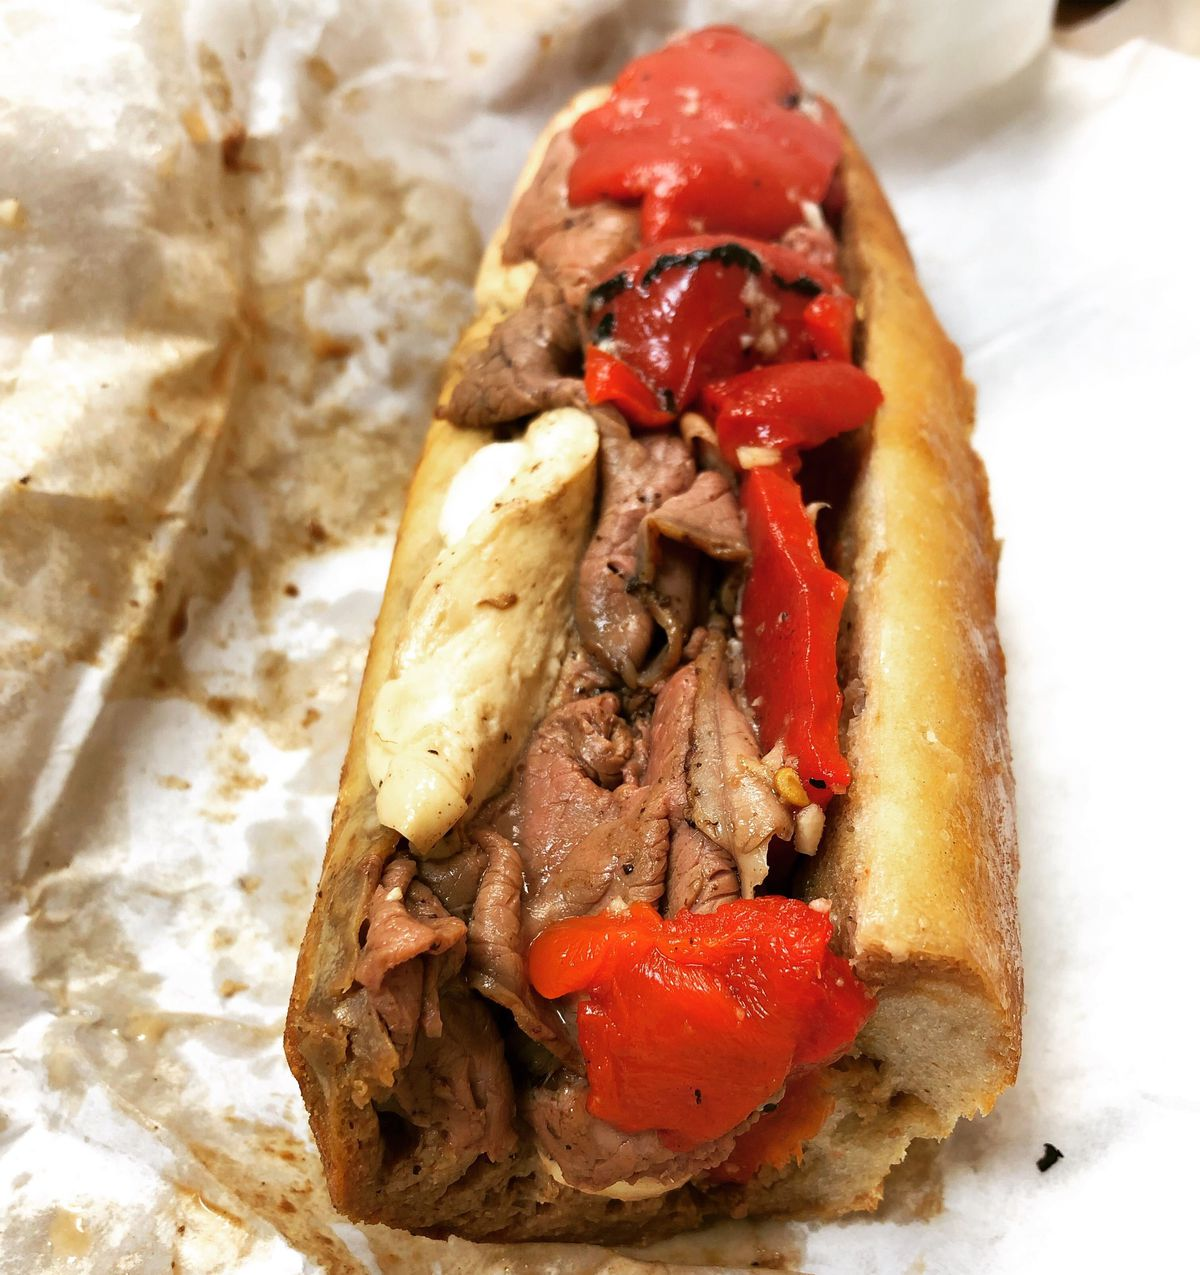 Roast beef sandwich at Fiore's Deli